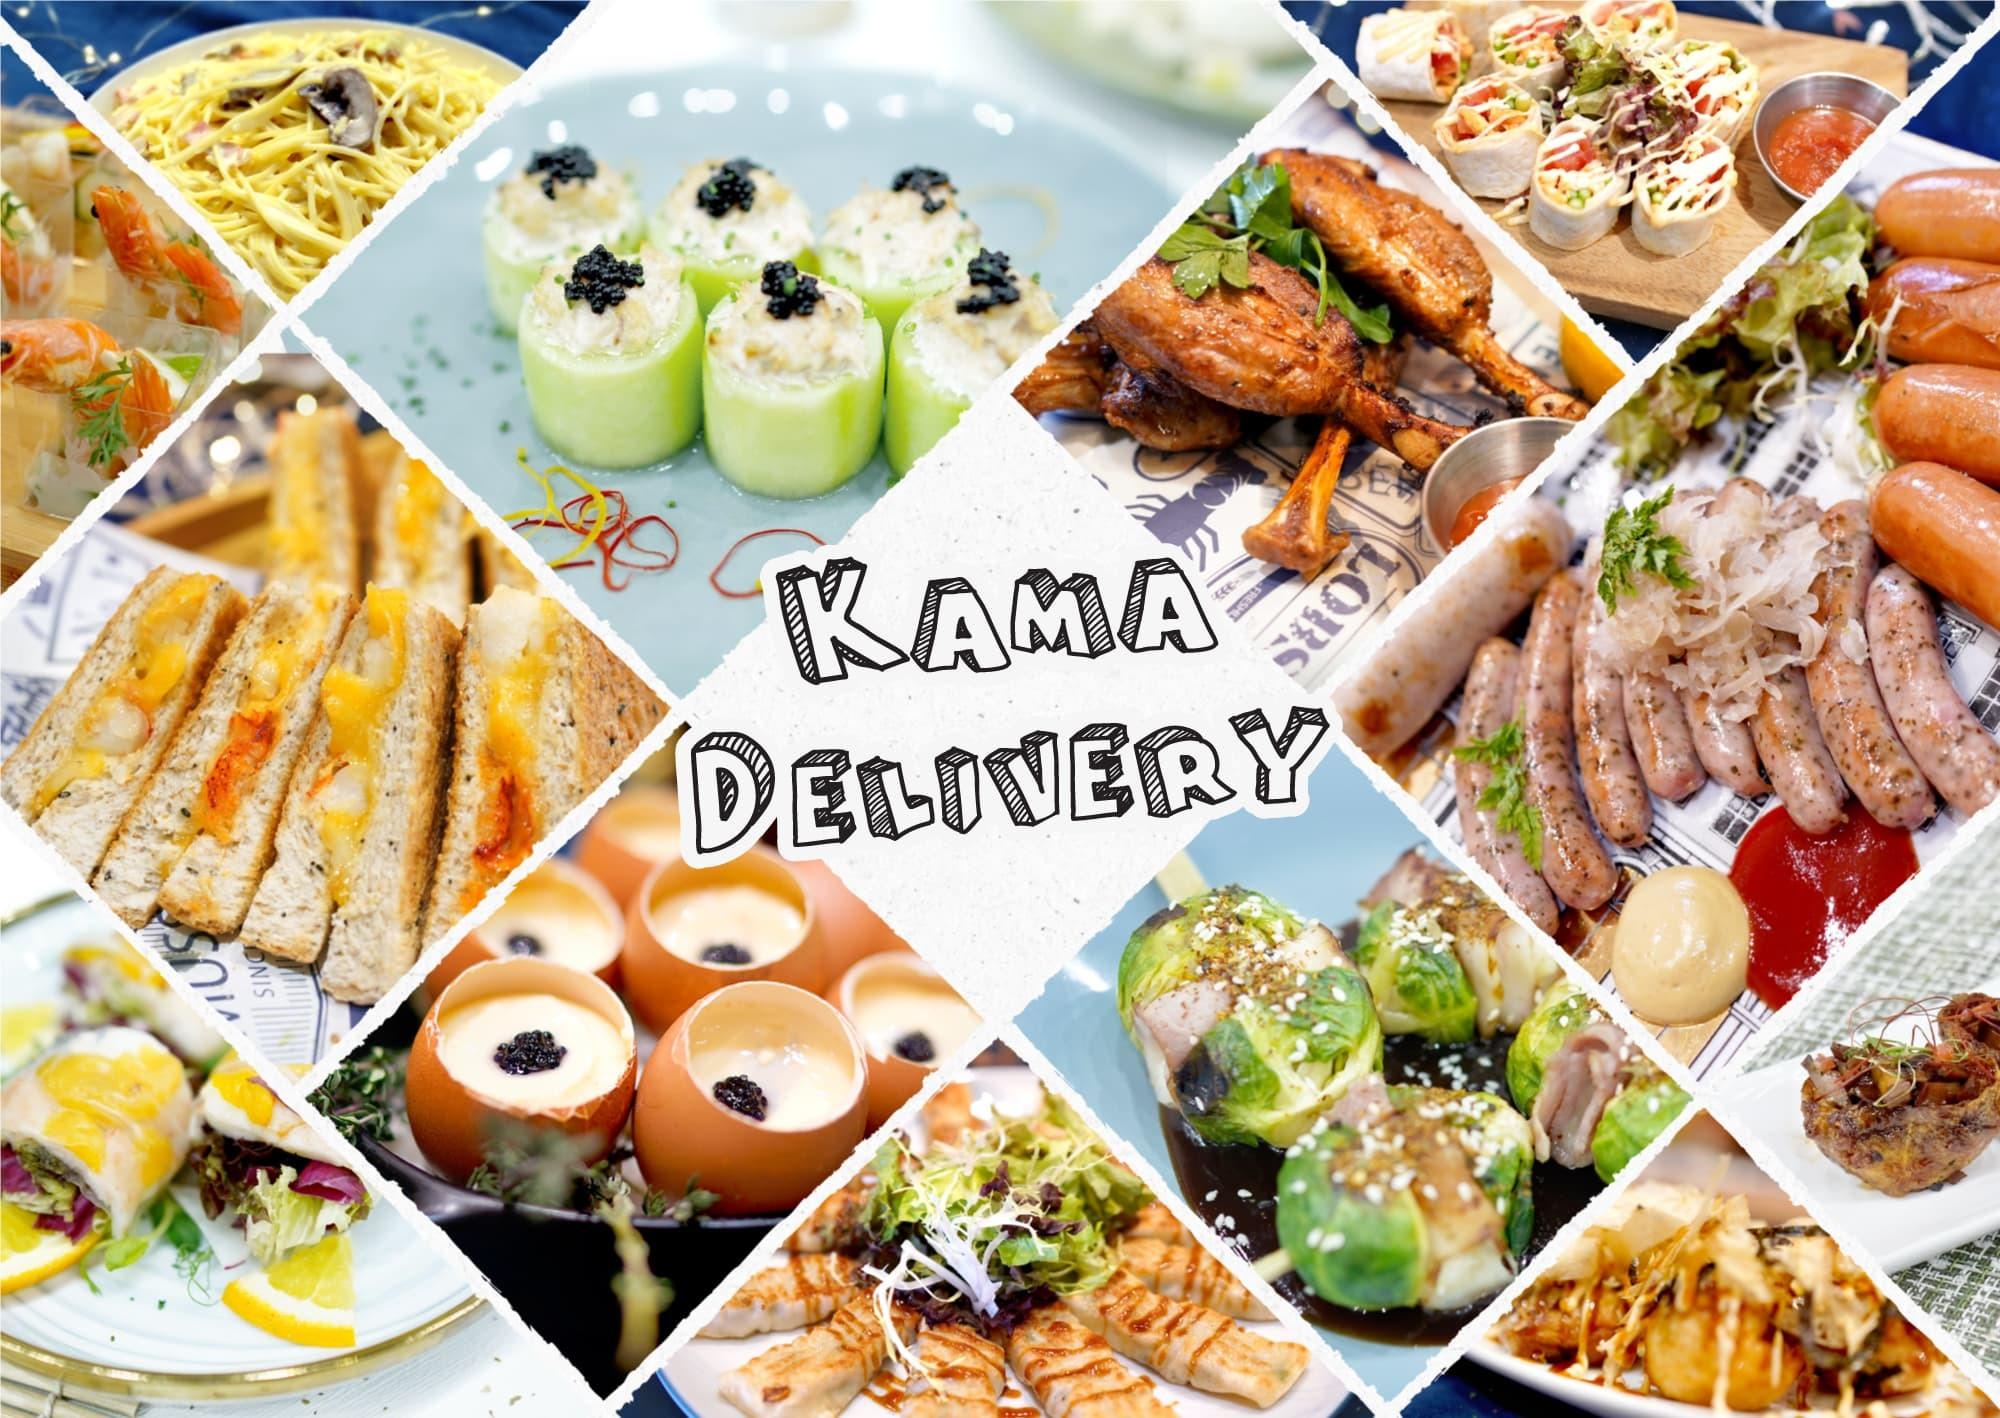 大學到會外賣推薦|Kama Delivery專營各款西式平價小食、主菜、飯類、意粉、海鮮、甜點、自家製飲品等等,並享有免費送貨至校園門口的優惠!